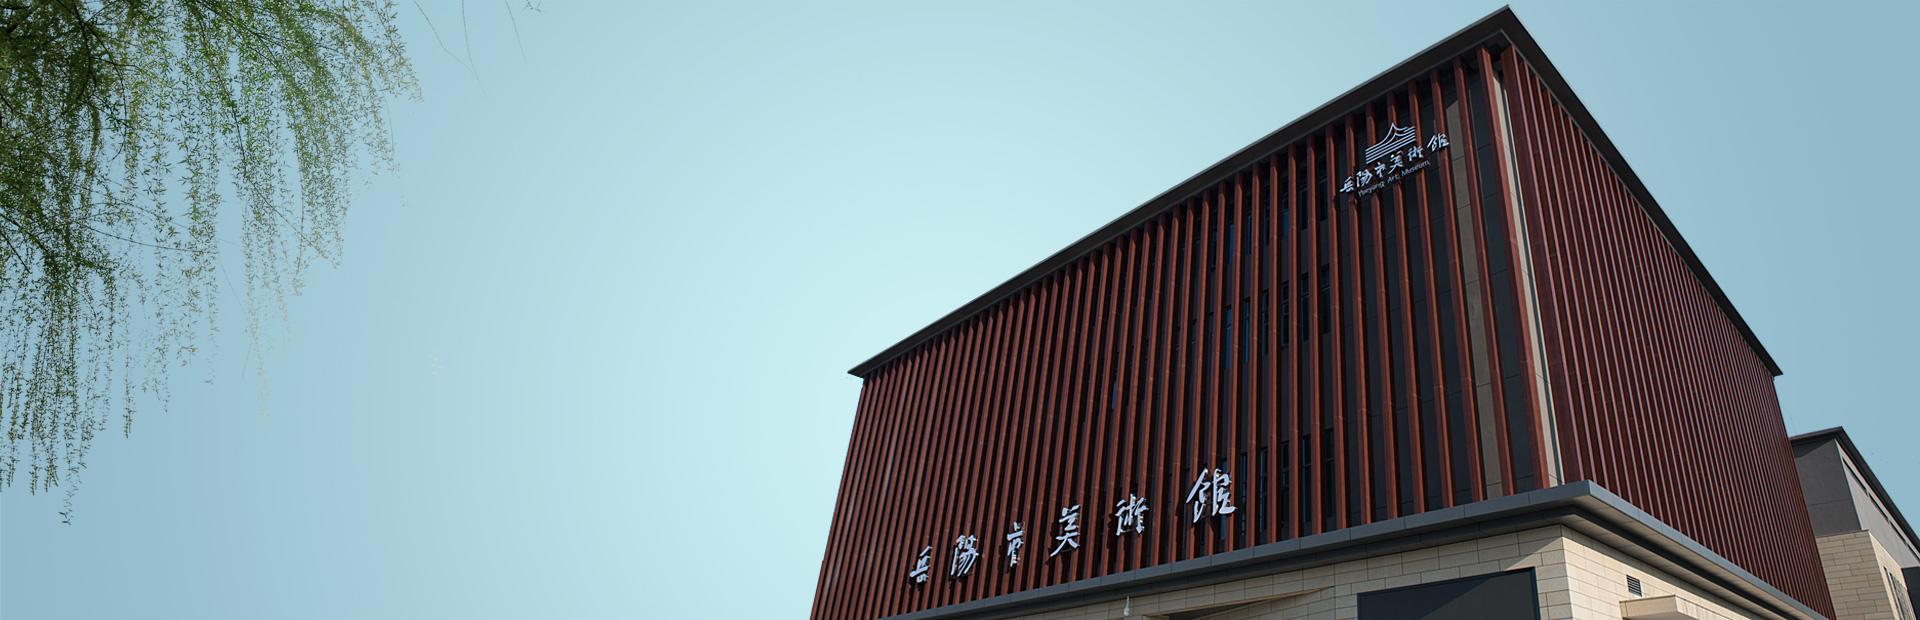 岳阳市美术馆,岳阳美术馆